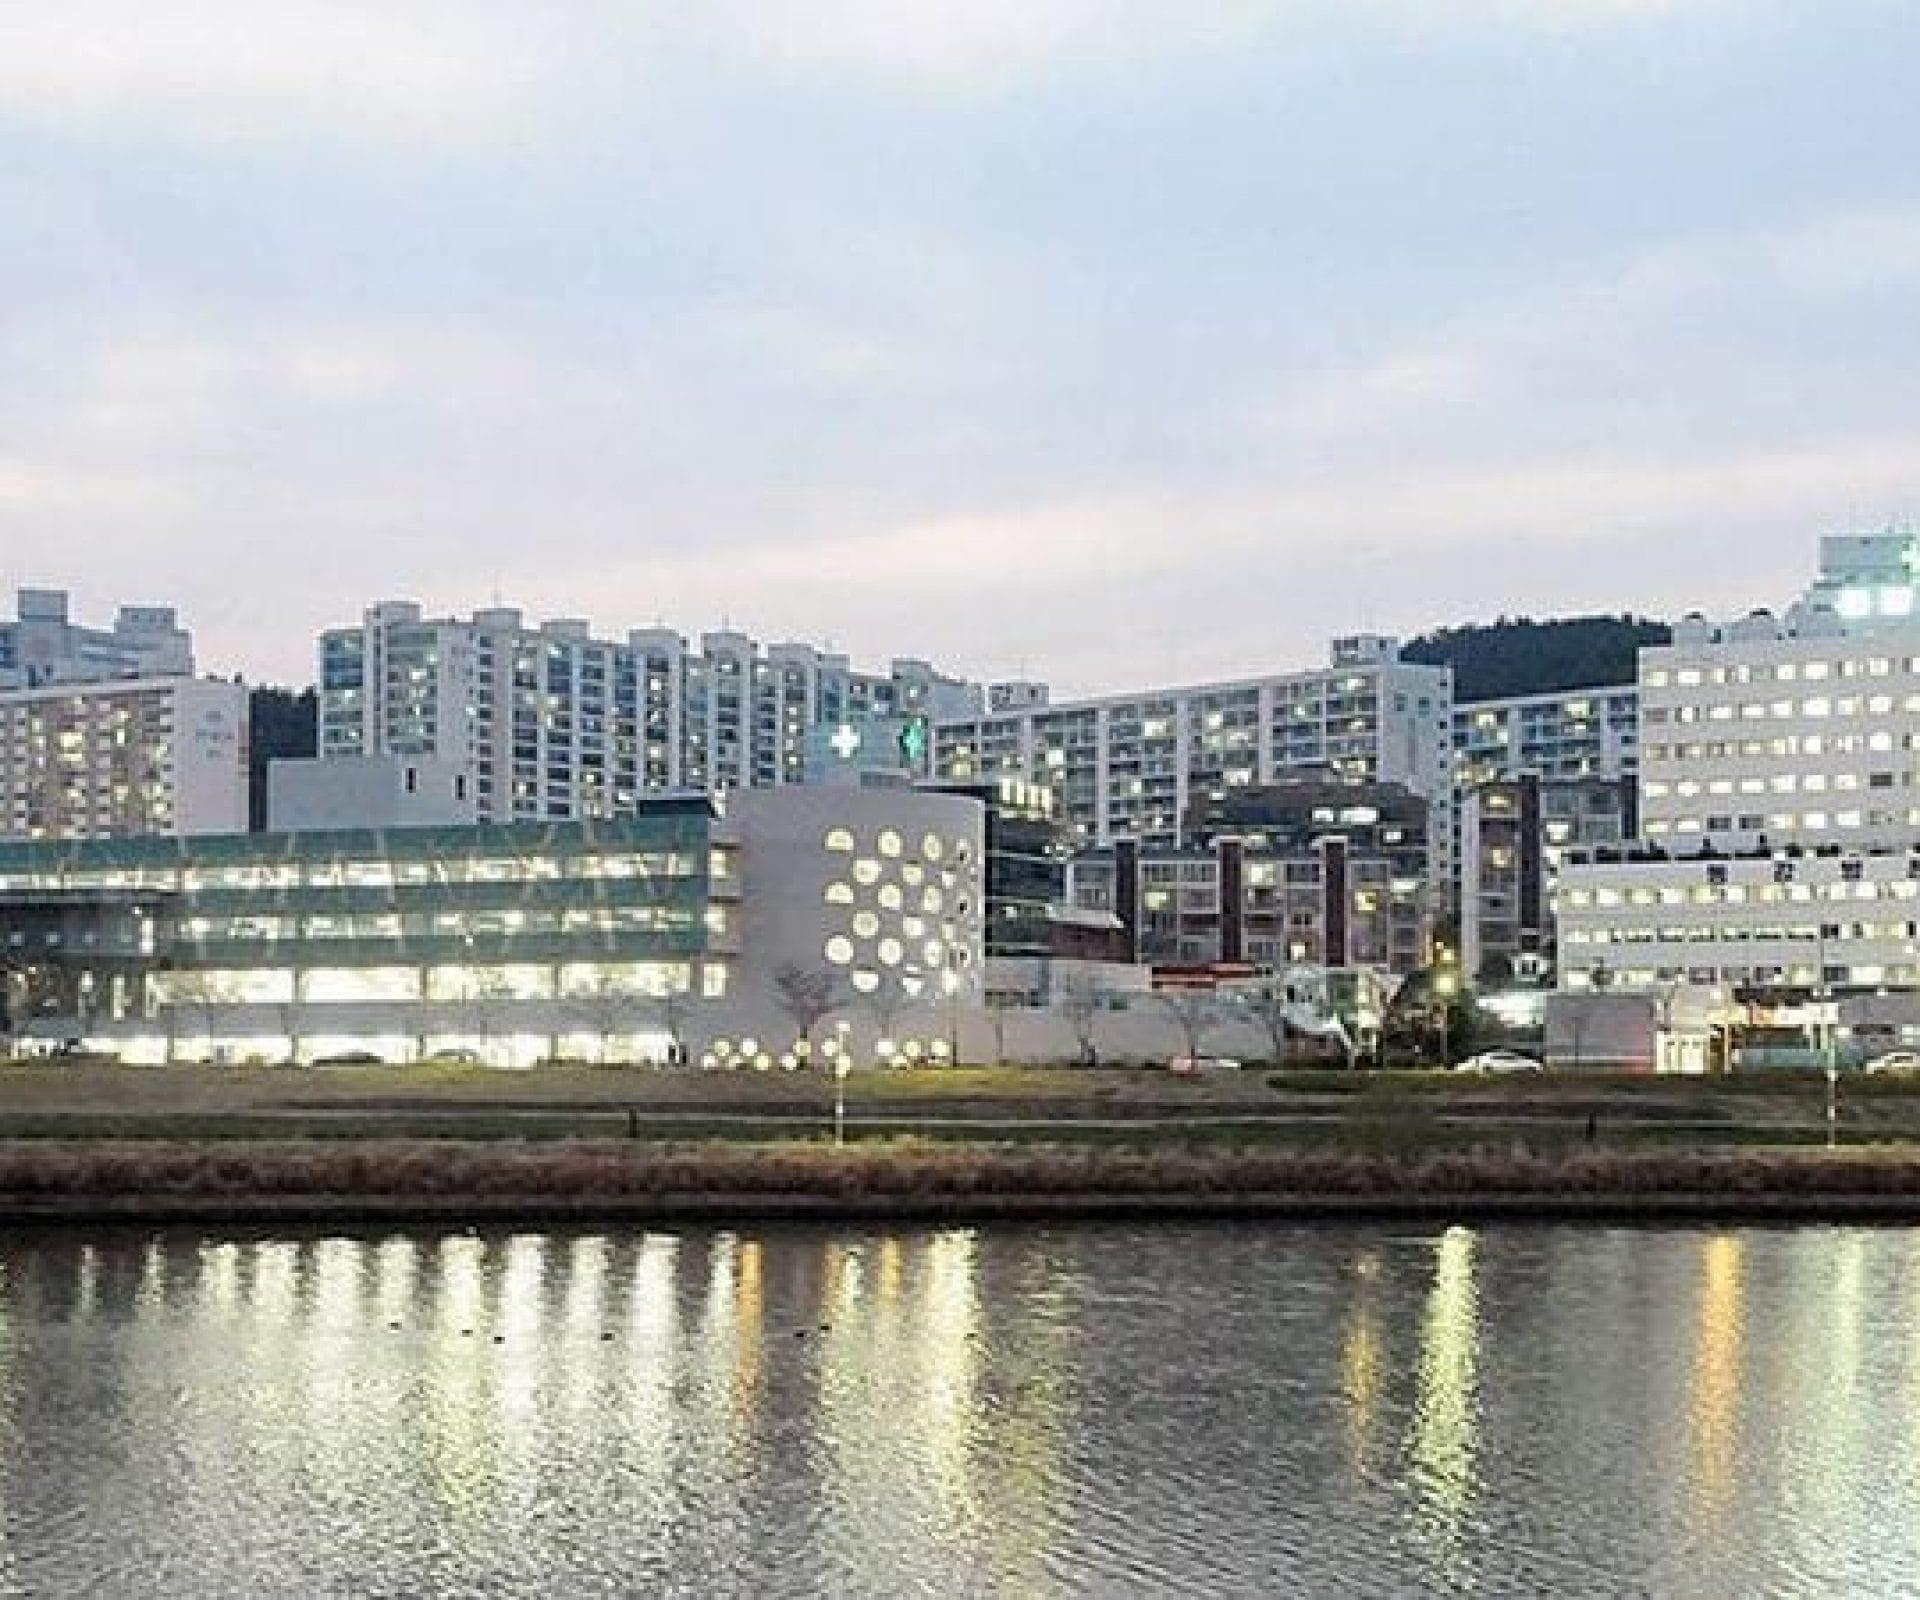 Dongkang Medical Center | Jung-gu, Ulsan